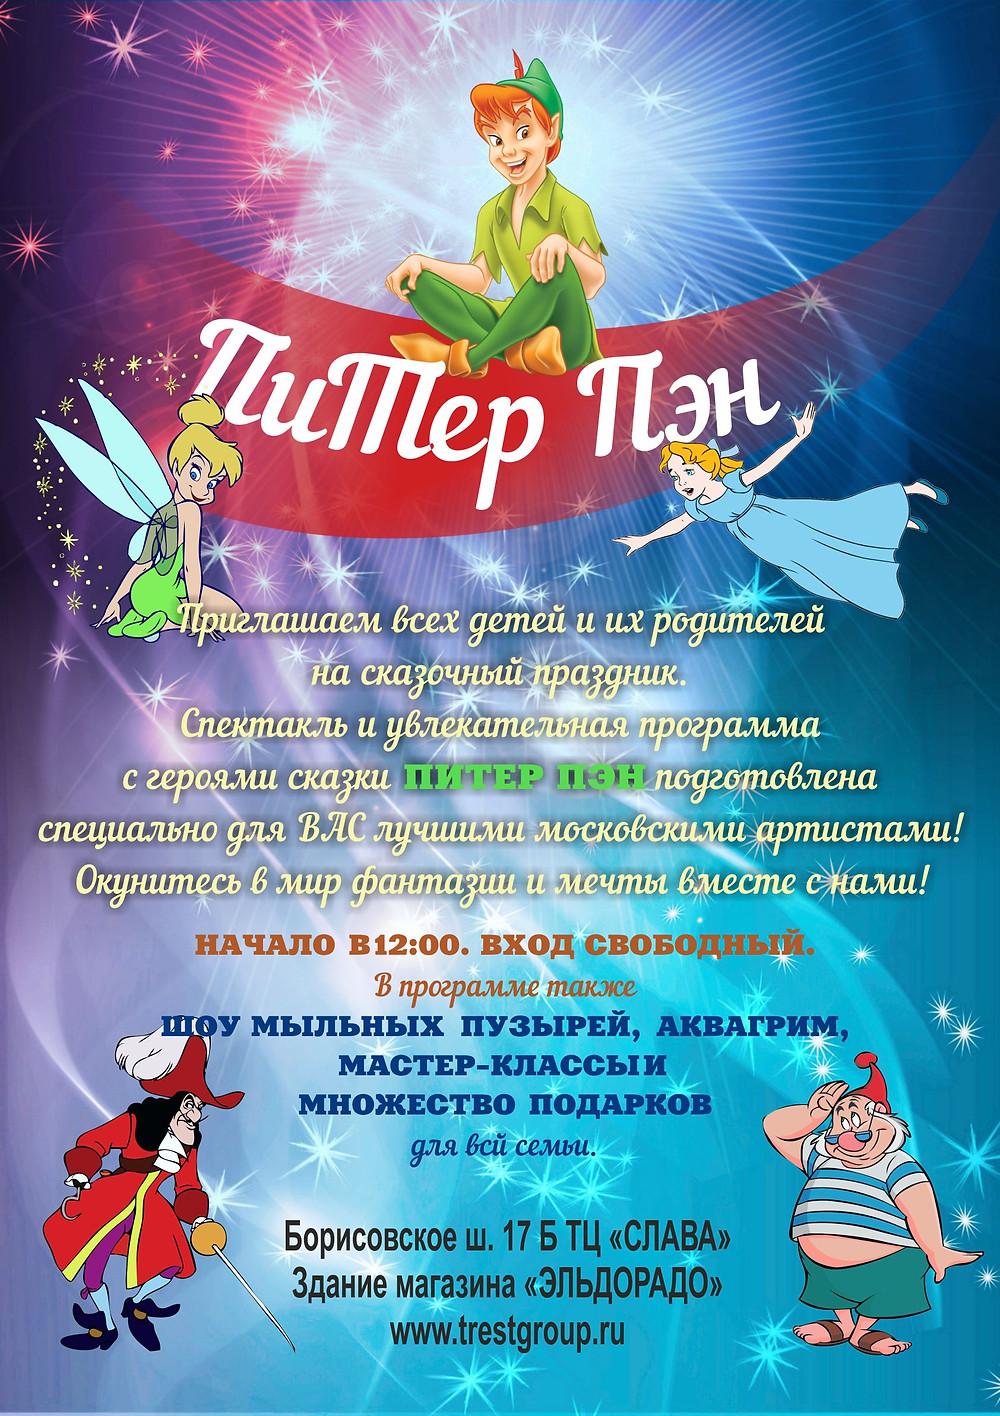 5 февраля в 12-00 в ТЦ Слава, Борисовское шоссе, 17 Б, состоится сказочный праздник с героями из сказки Питер Пэн! Вход свободный! Ждем всех в гости.